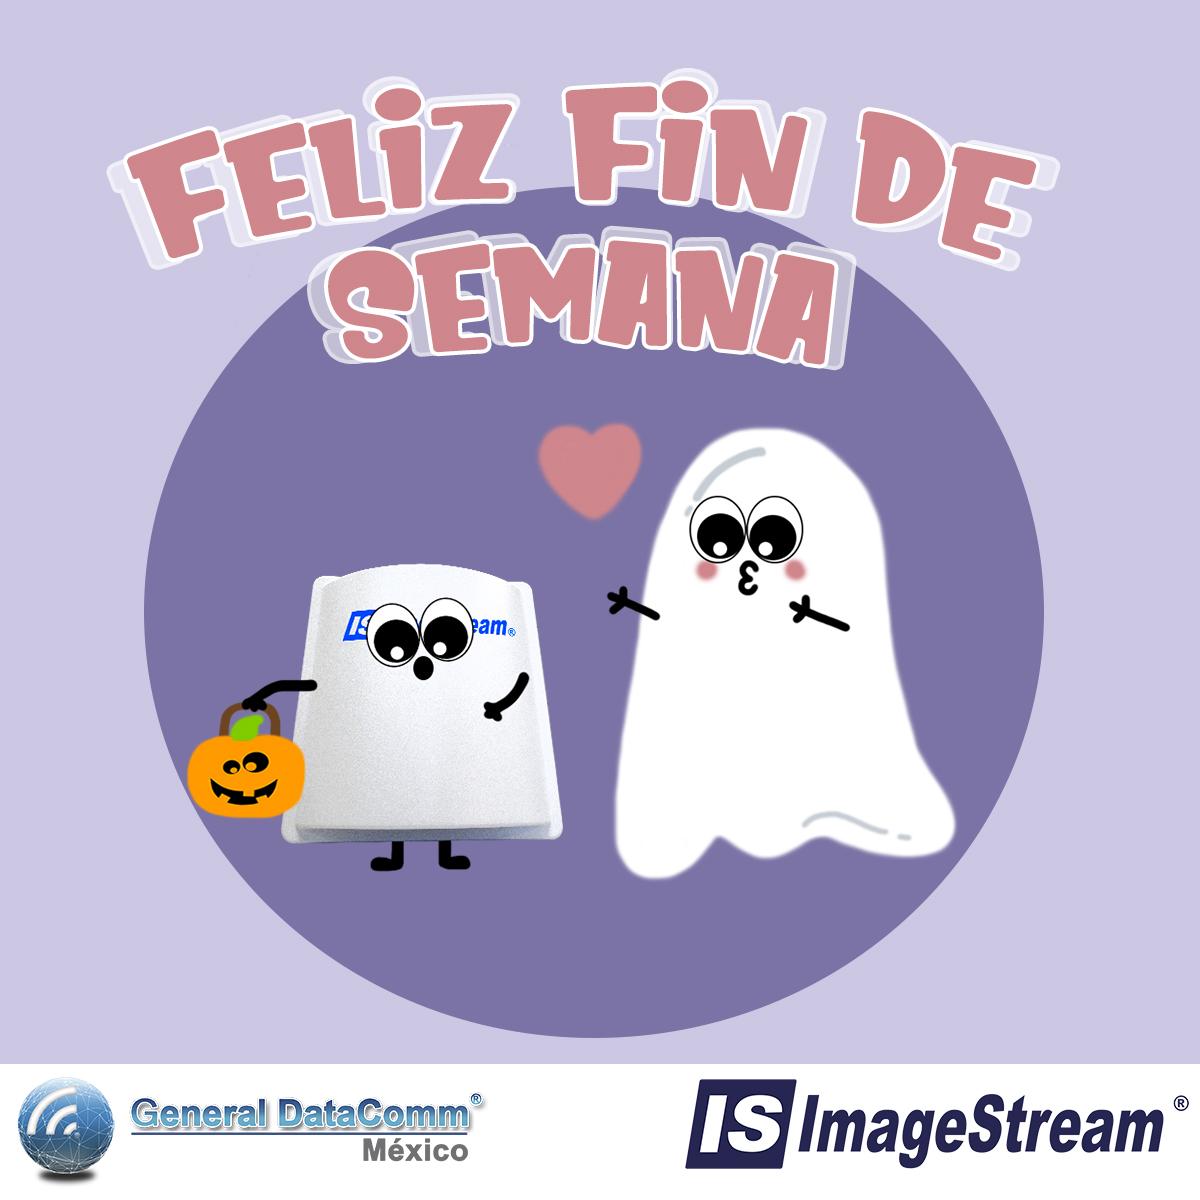 #FelizViernes #Viernes30 #BuenosDías #ImageStream #Sonríe #FelizFinDeSemana #BuenViernes https://t.co/WPsVxmdV7A